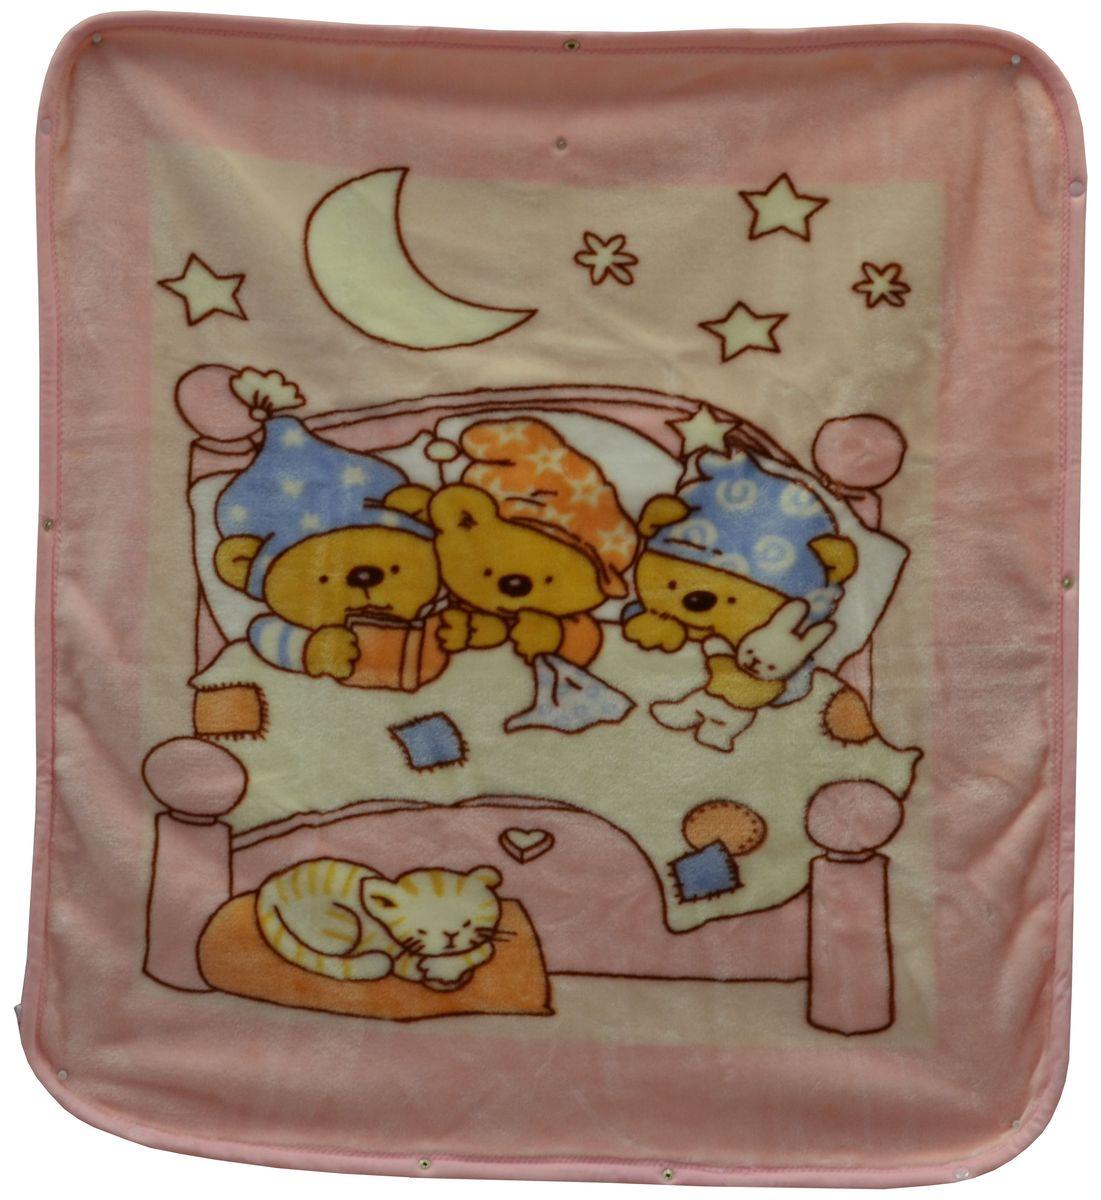 Bonne Fee Плед детский Плед-накидка для младенцев на молнии, 80 х 90 см, розовыйОНДК/300-роз4Защита, тепло и комфорт для малышей - использован надёжный, качественный и мягкий материал! Удобство и спокойствие для родителей обеспечивается универсальностью пледа-накидки, конструкция которого позволяет ему легко превращаться в конвертик. Отличное качество и практичность! Любите своего ребёнка и дарите ему лучшее!